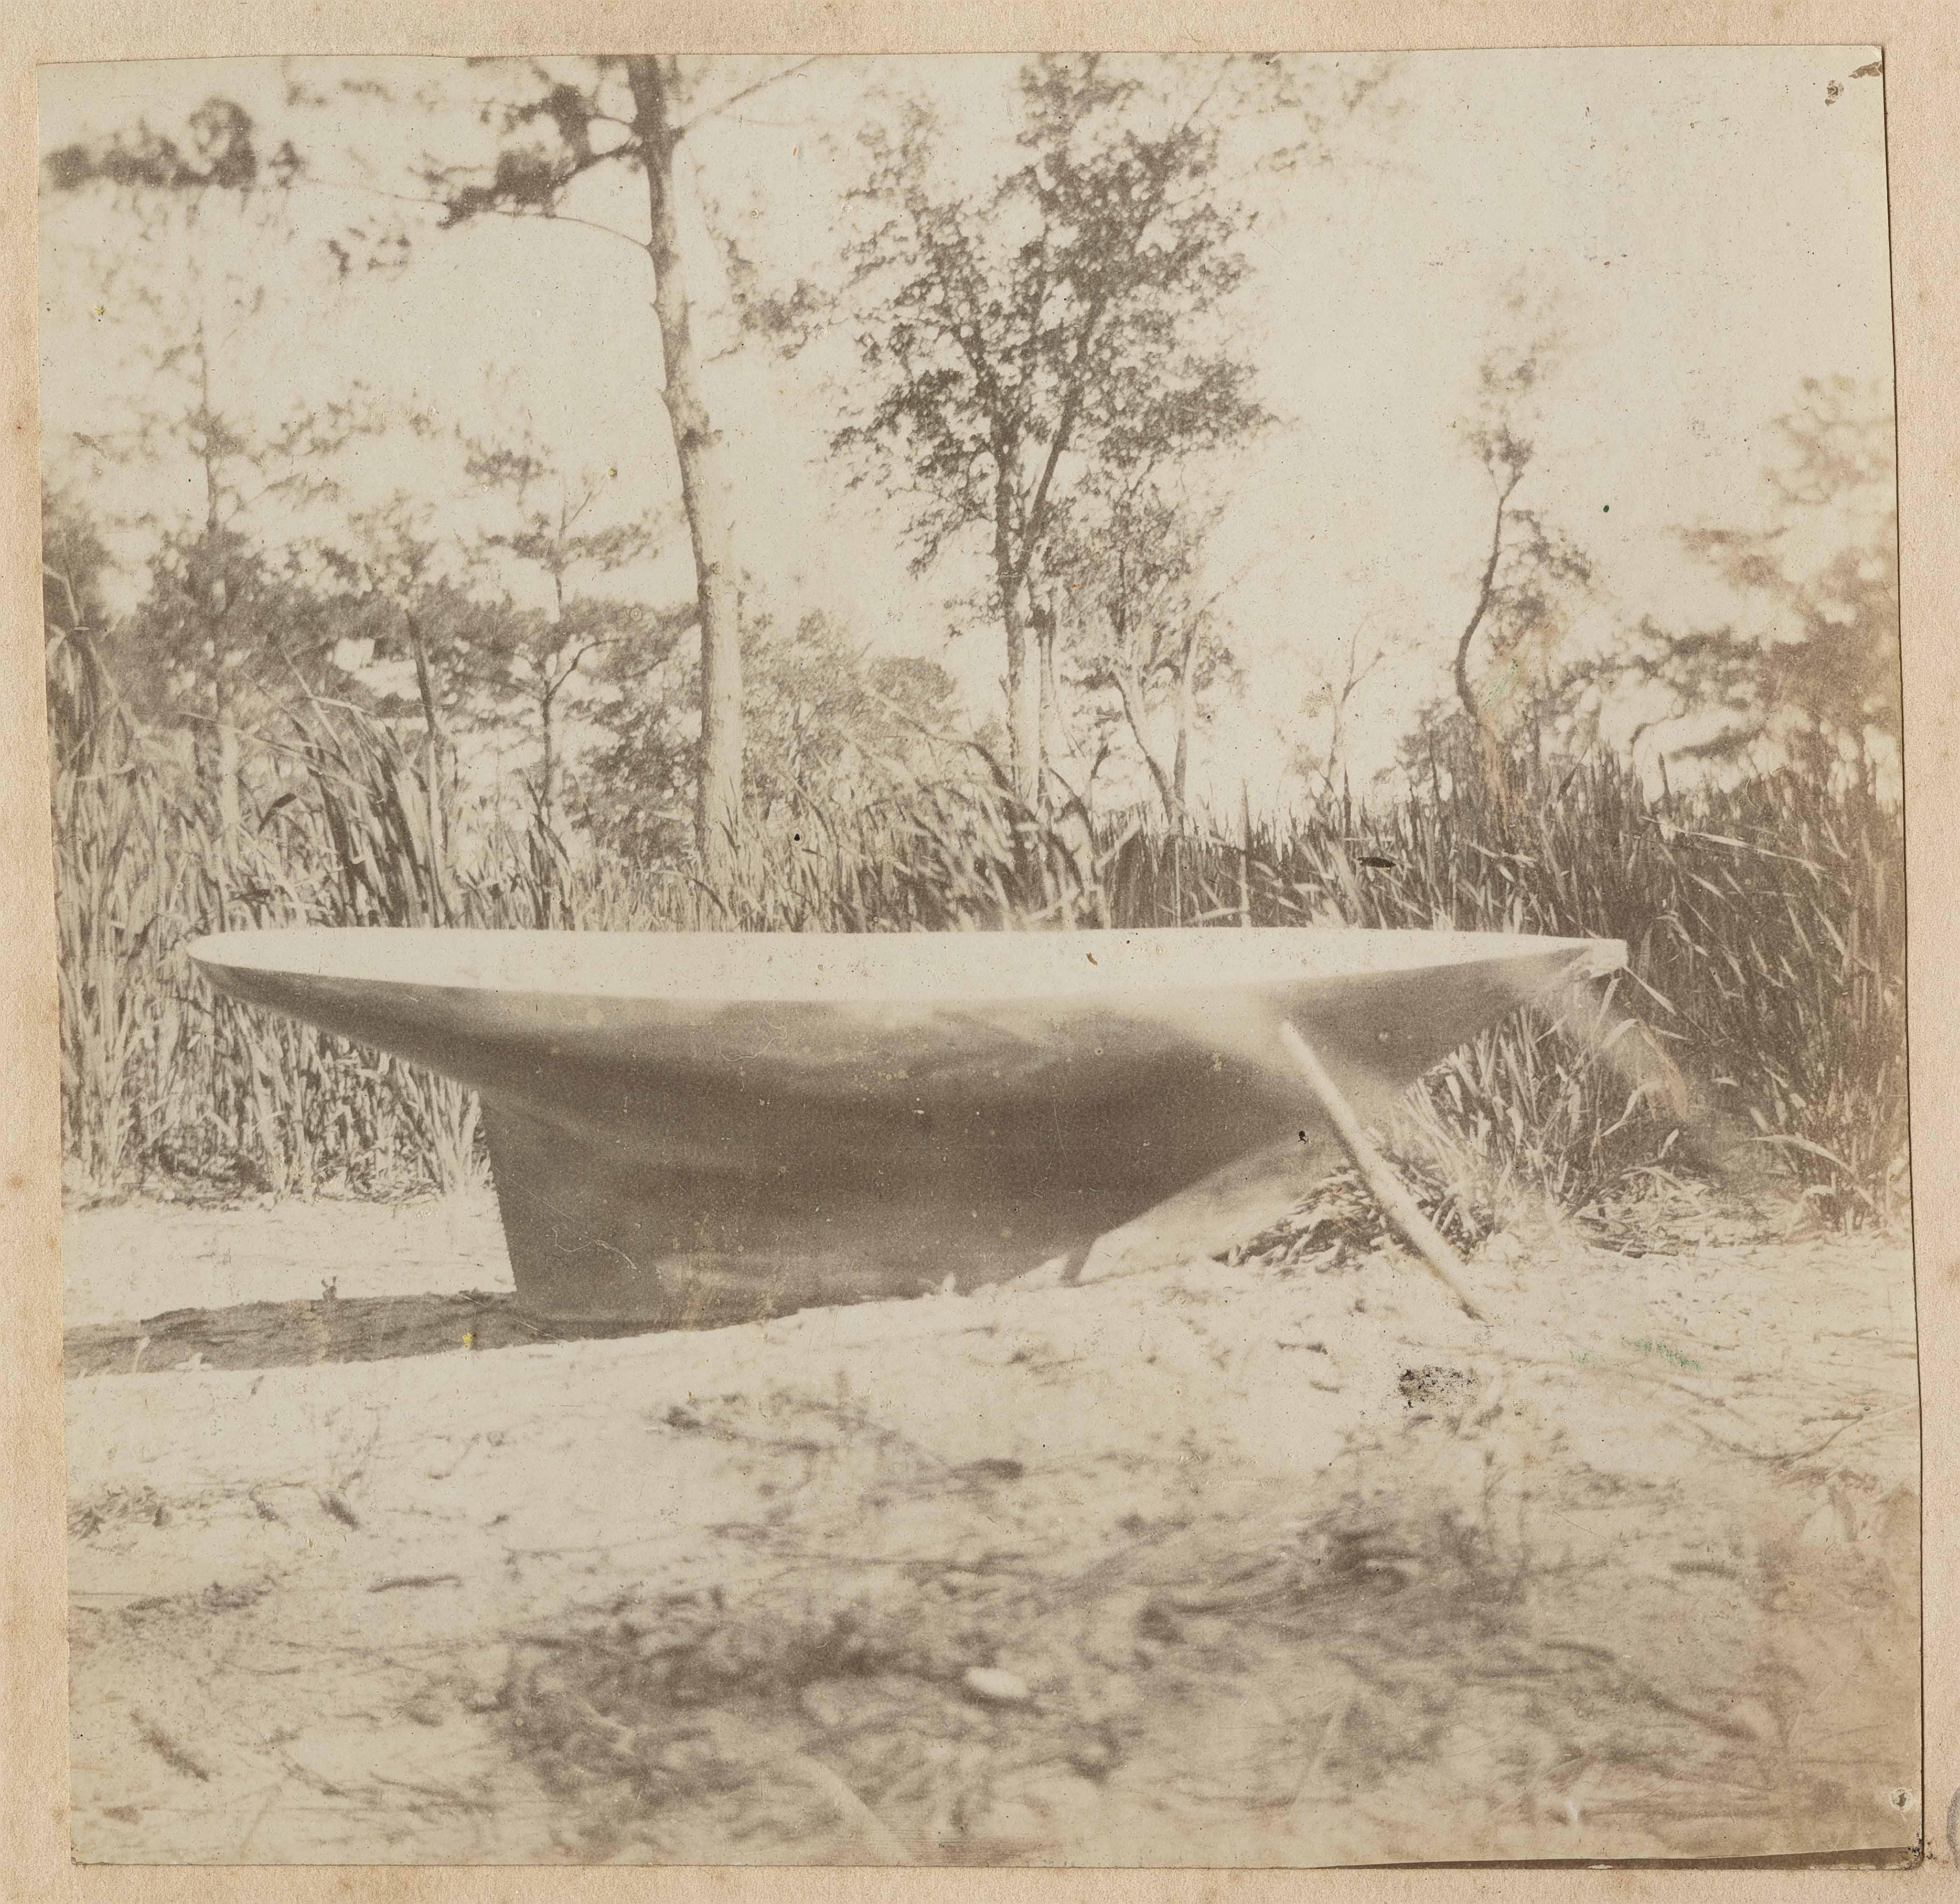 Completed model boat keel